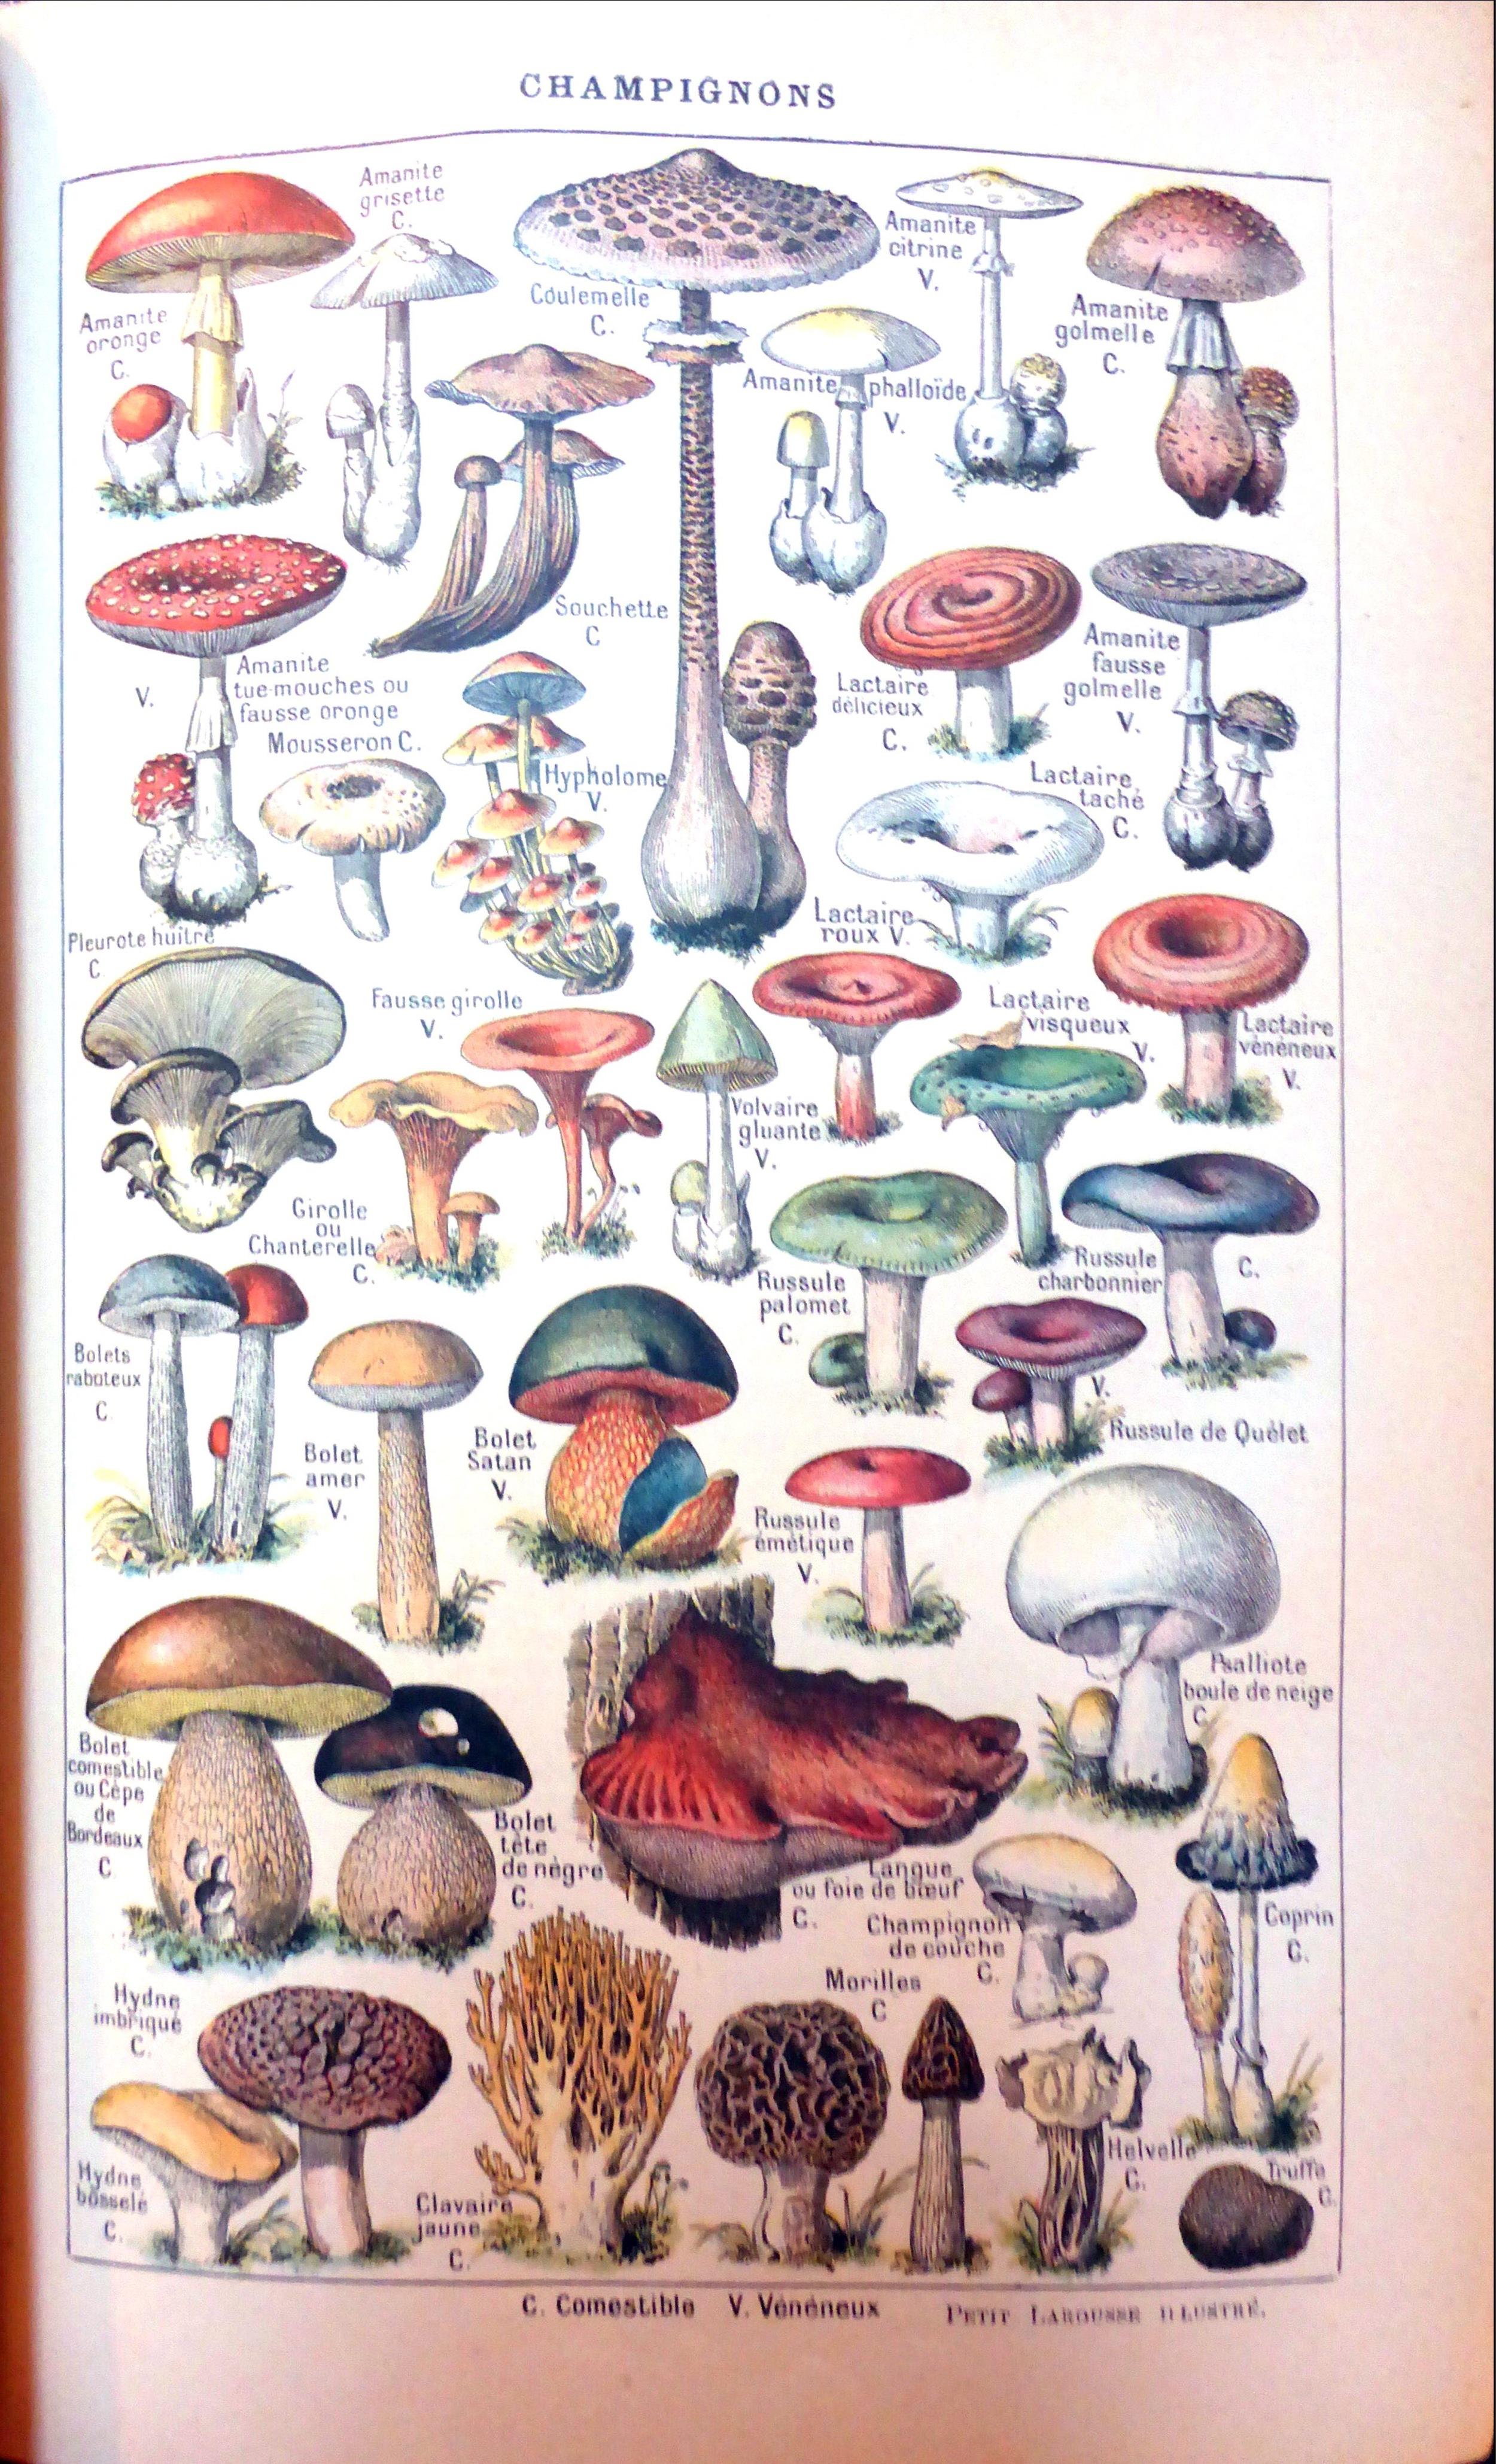 Der schöne alte Larousse - hier mit Pilzen in der Übersicht (zum Vergrößern anklicken)